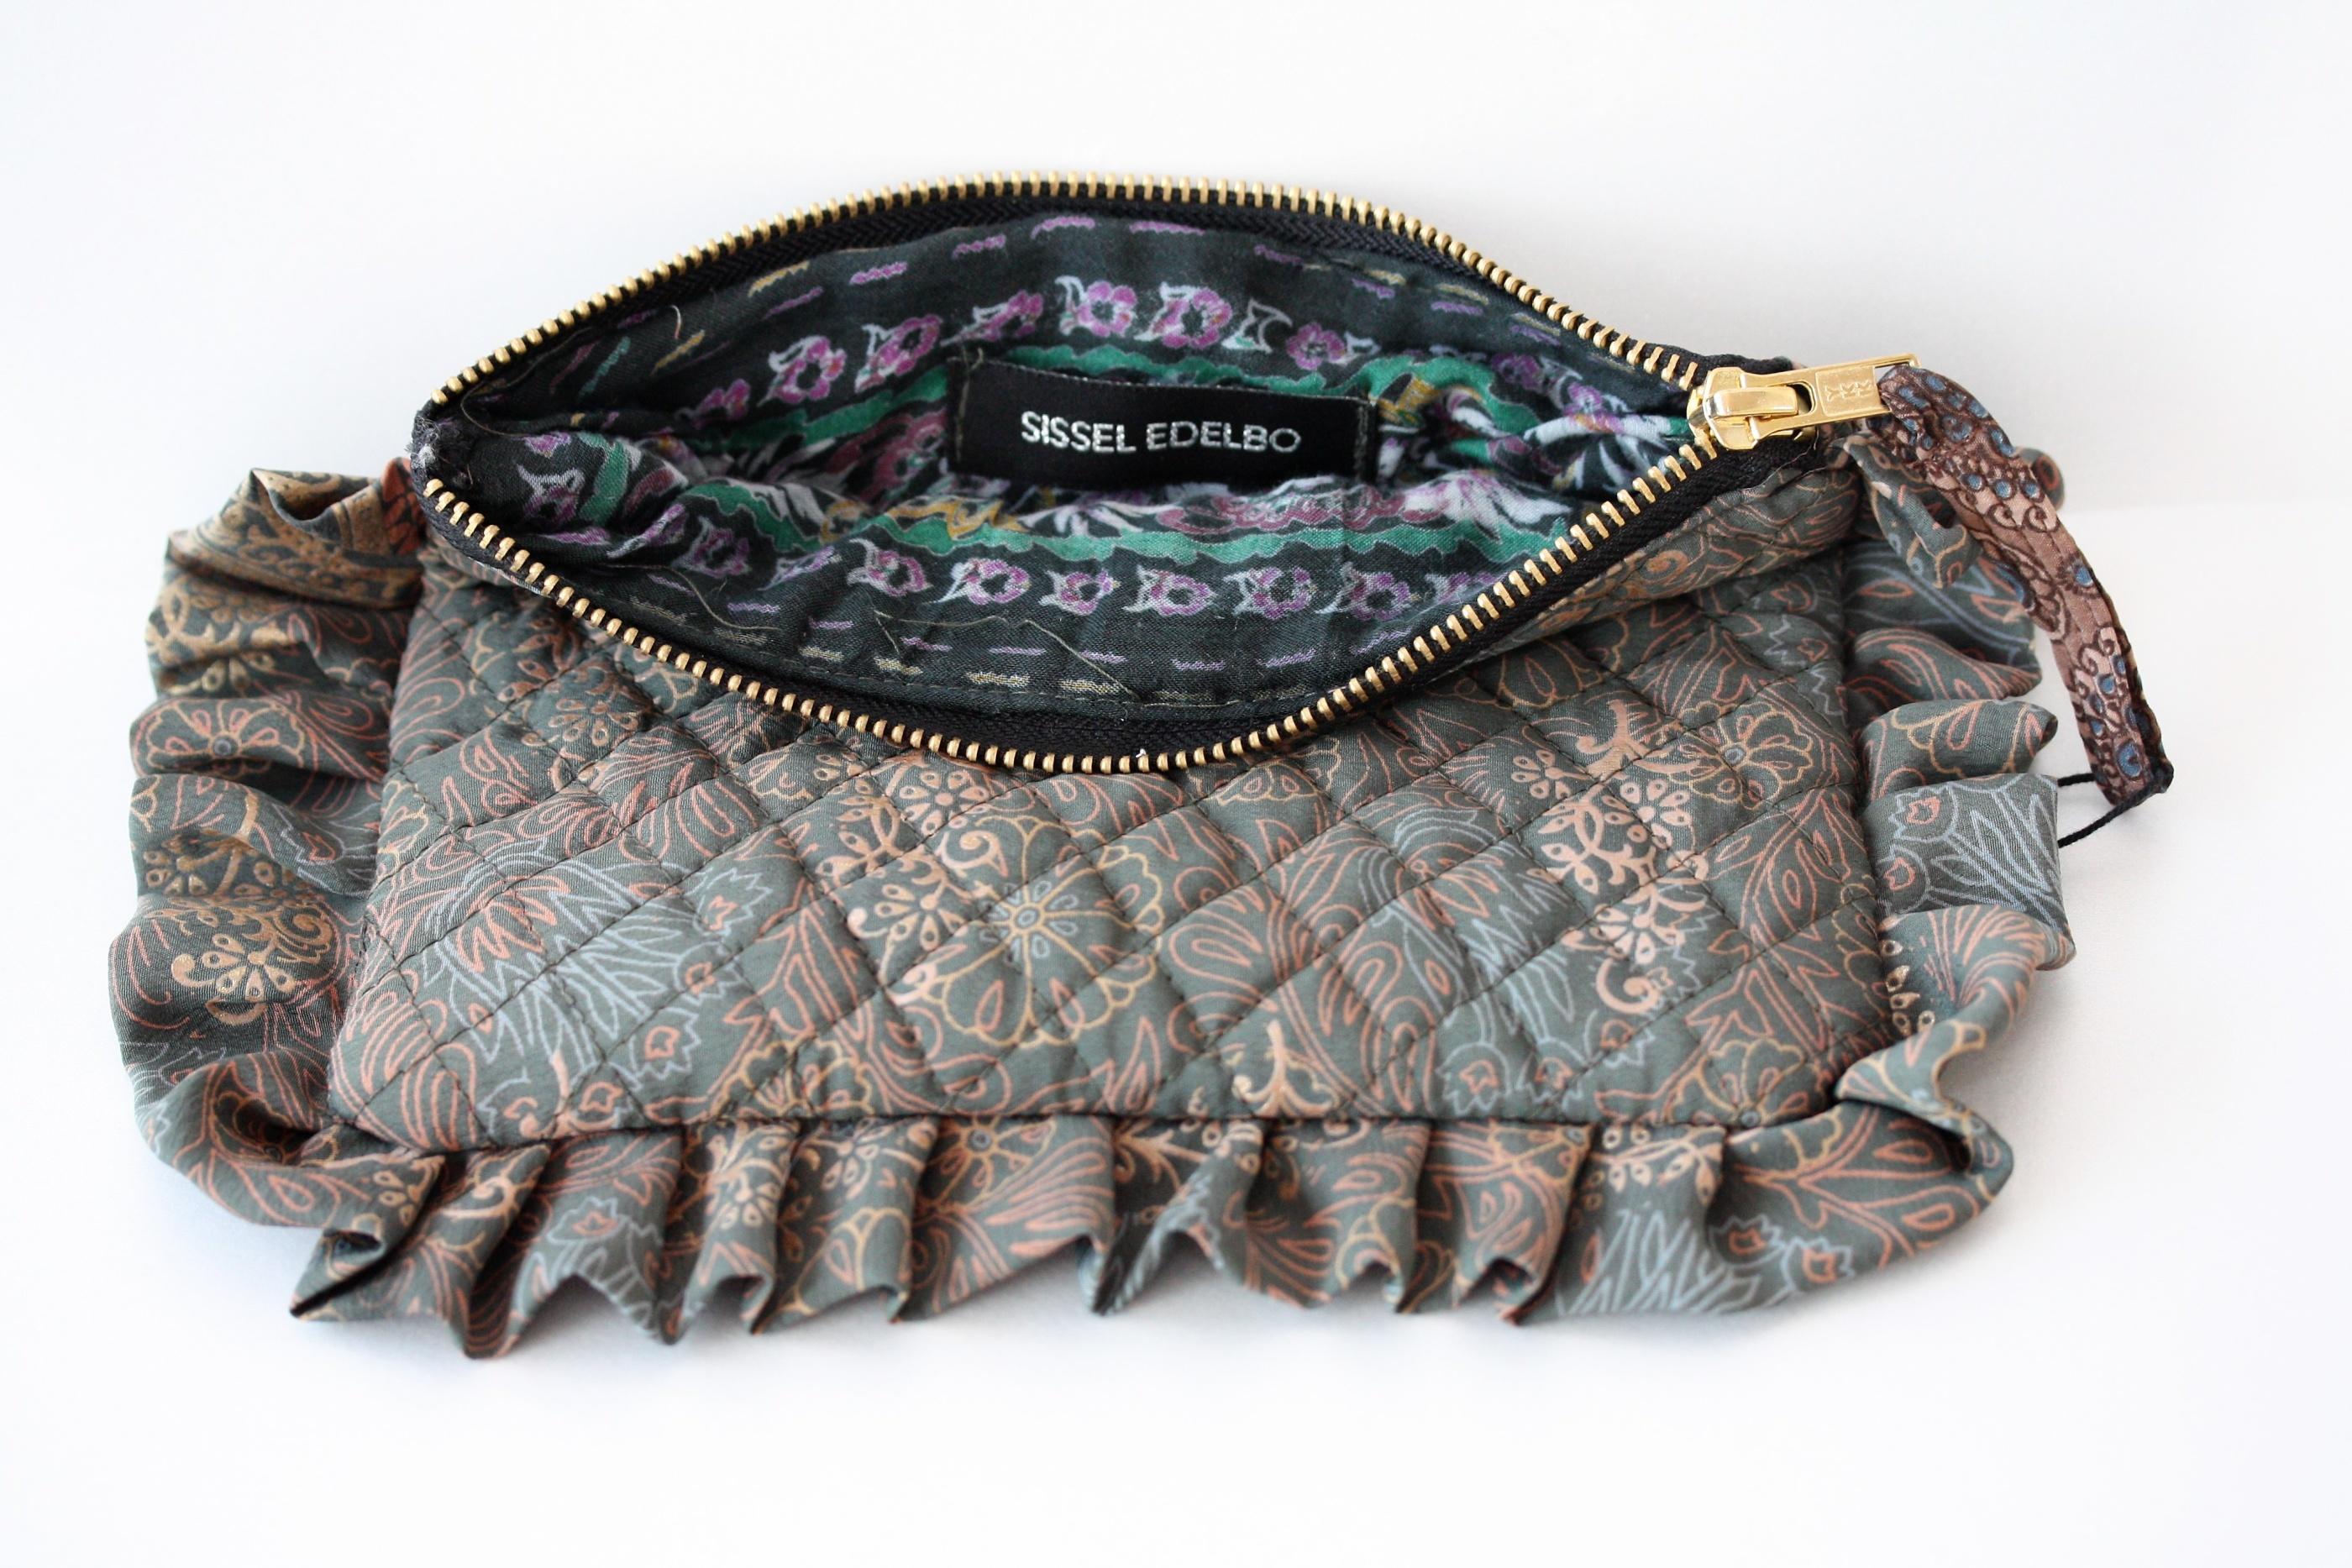 Sissel Edelbo. Frill purse grön, återanvända saris.